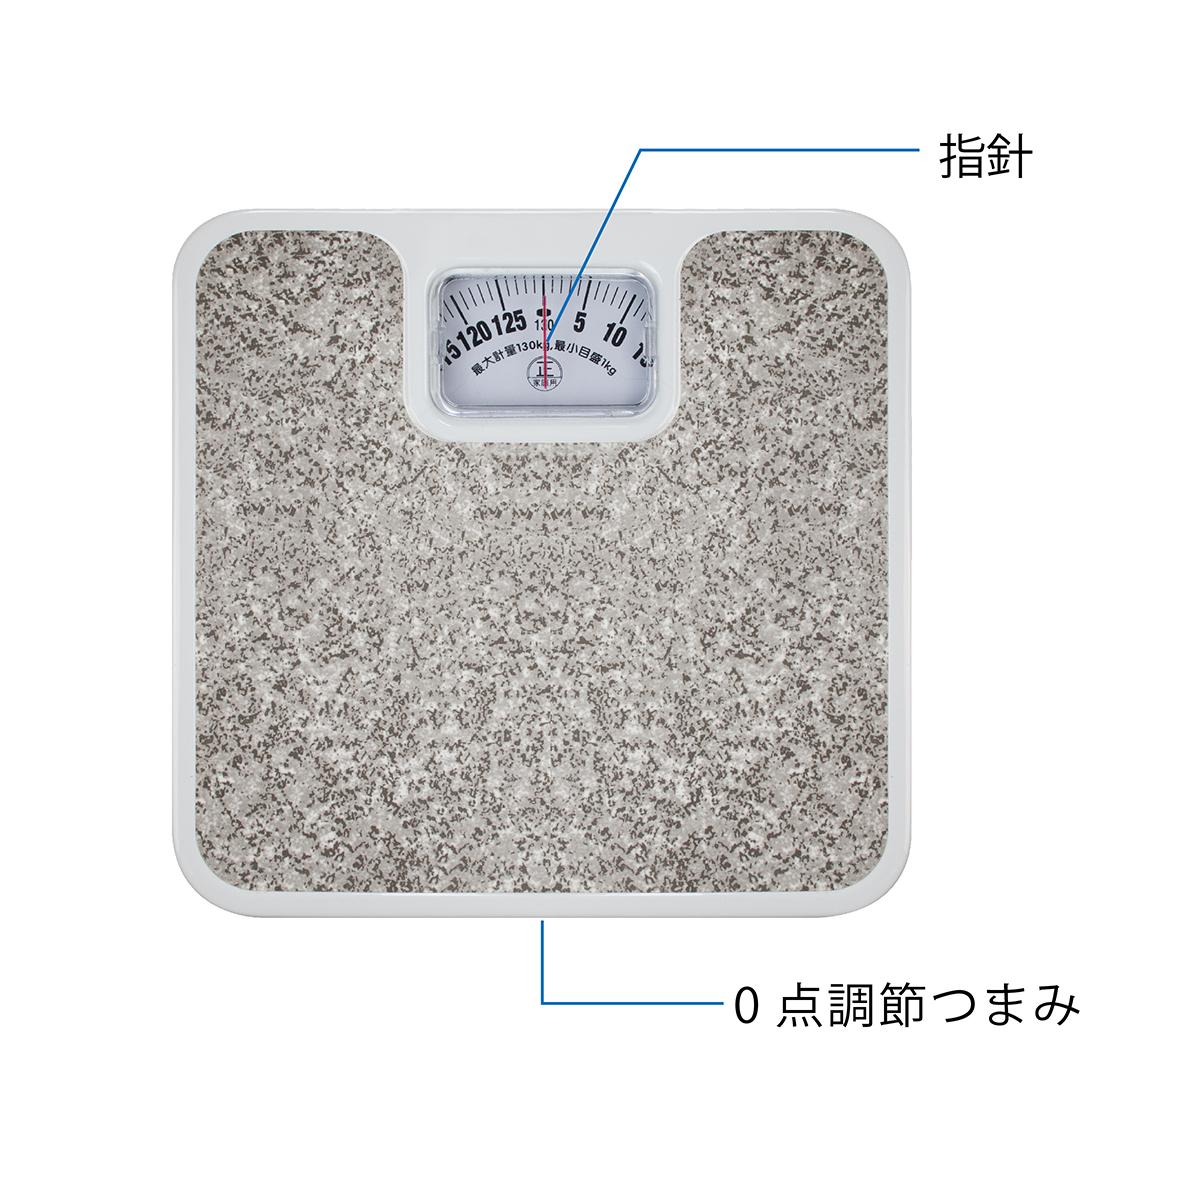 アナログ体重計 image02